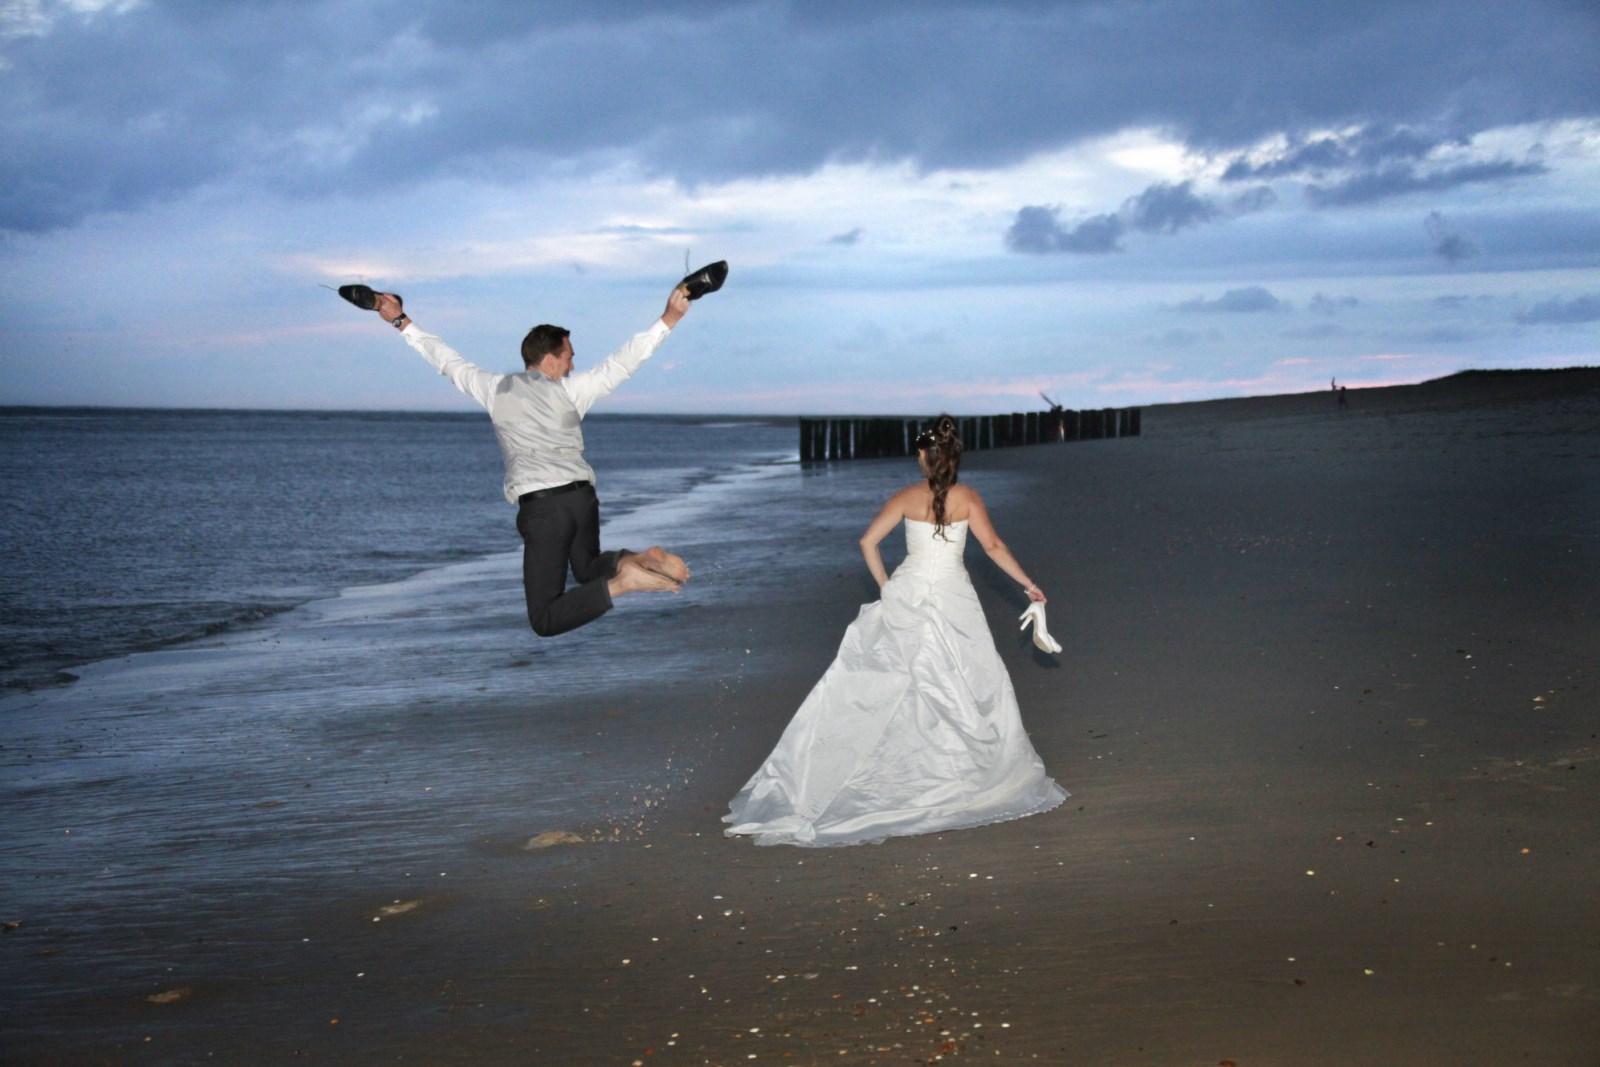 Photo mariage cap ferret plage 06.jpg